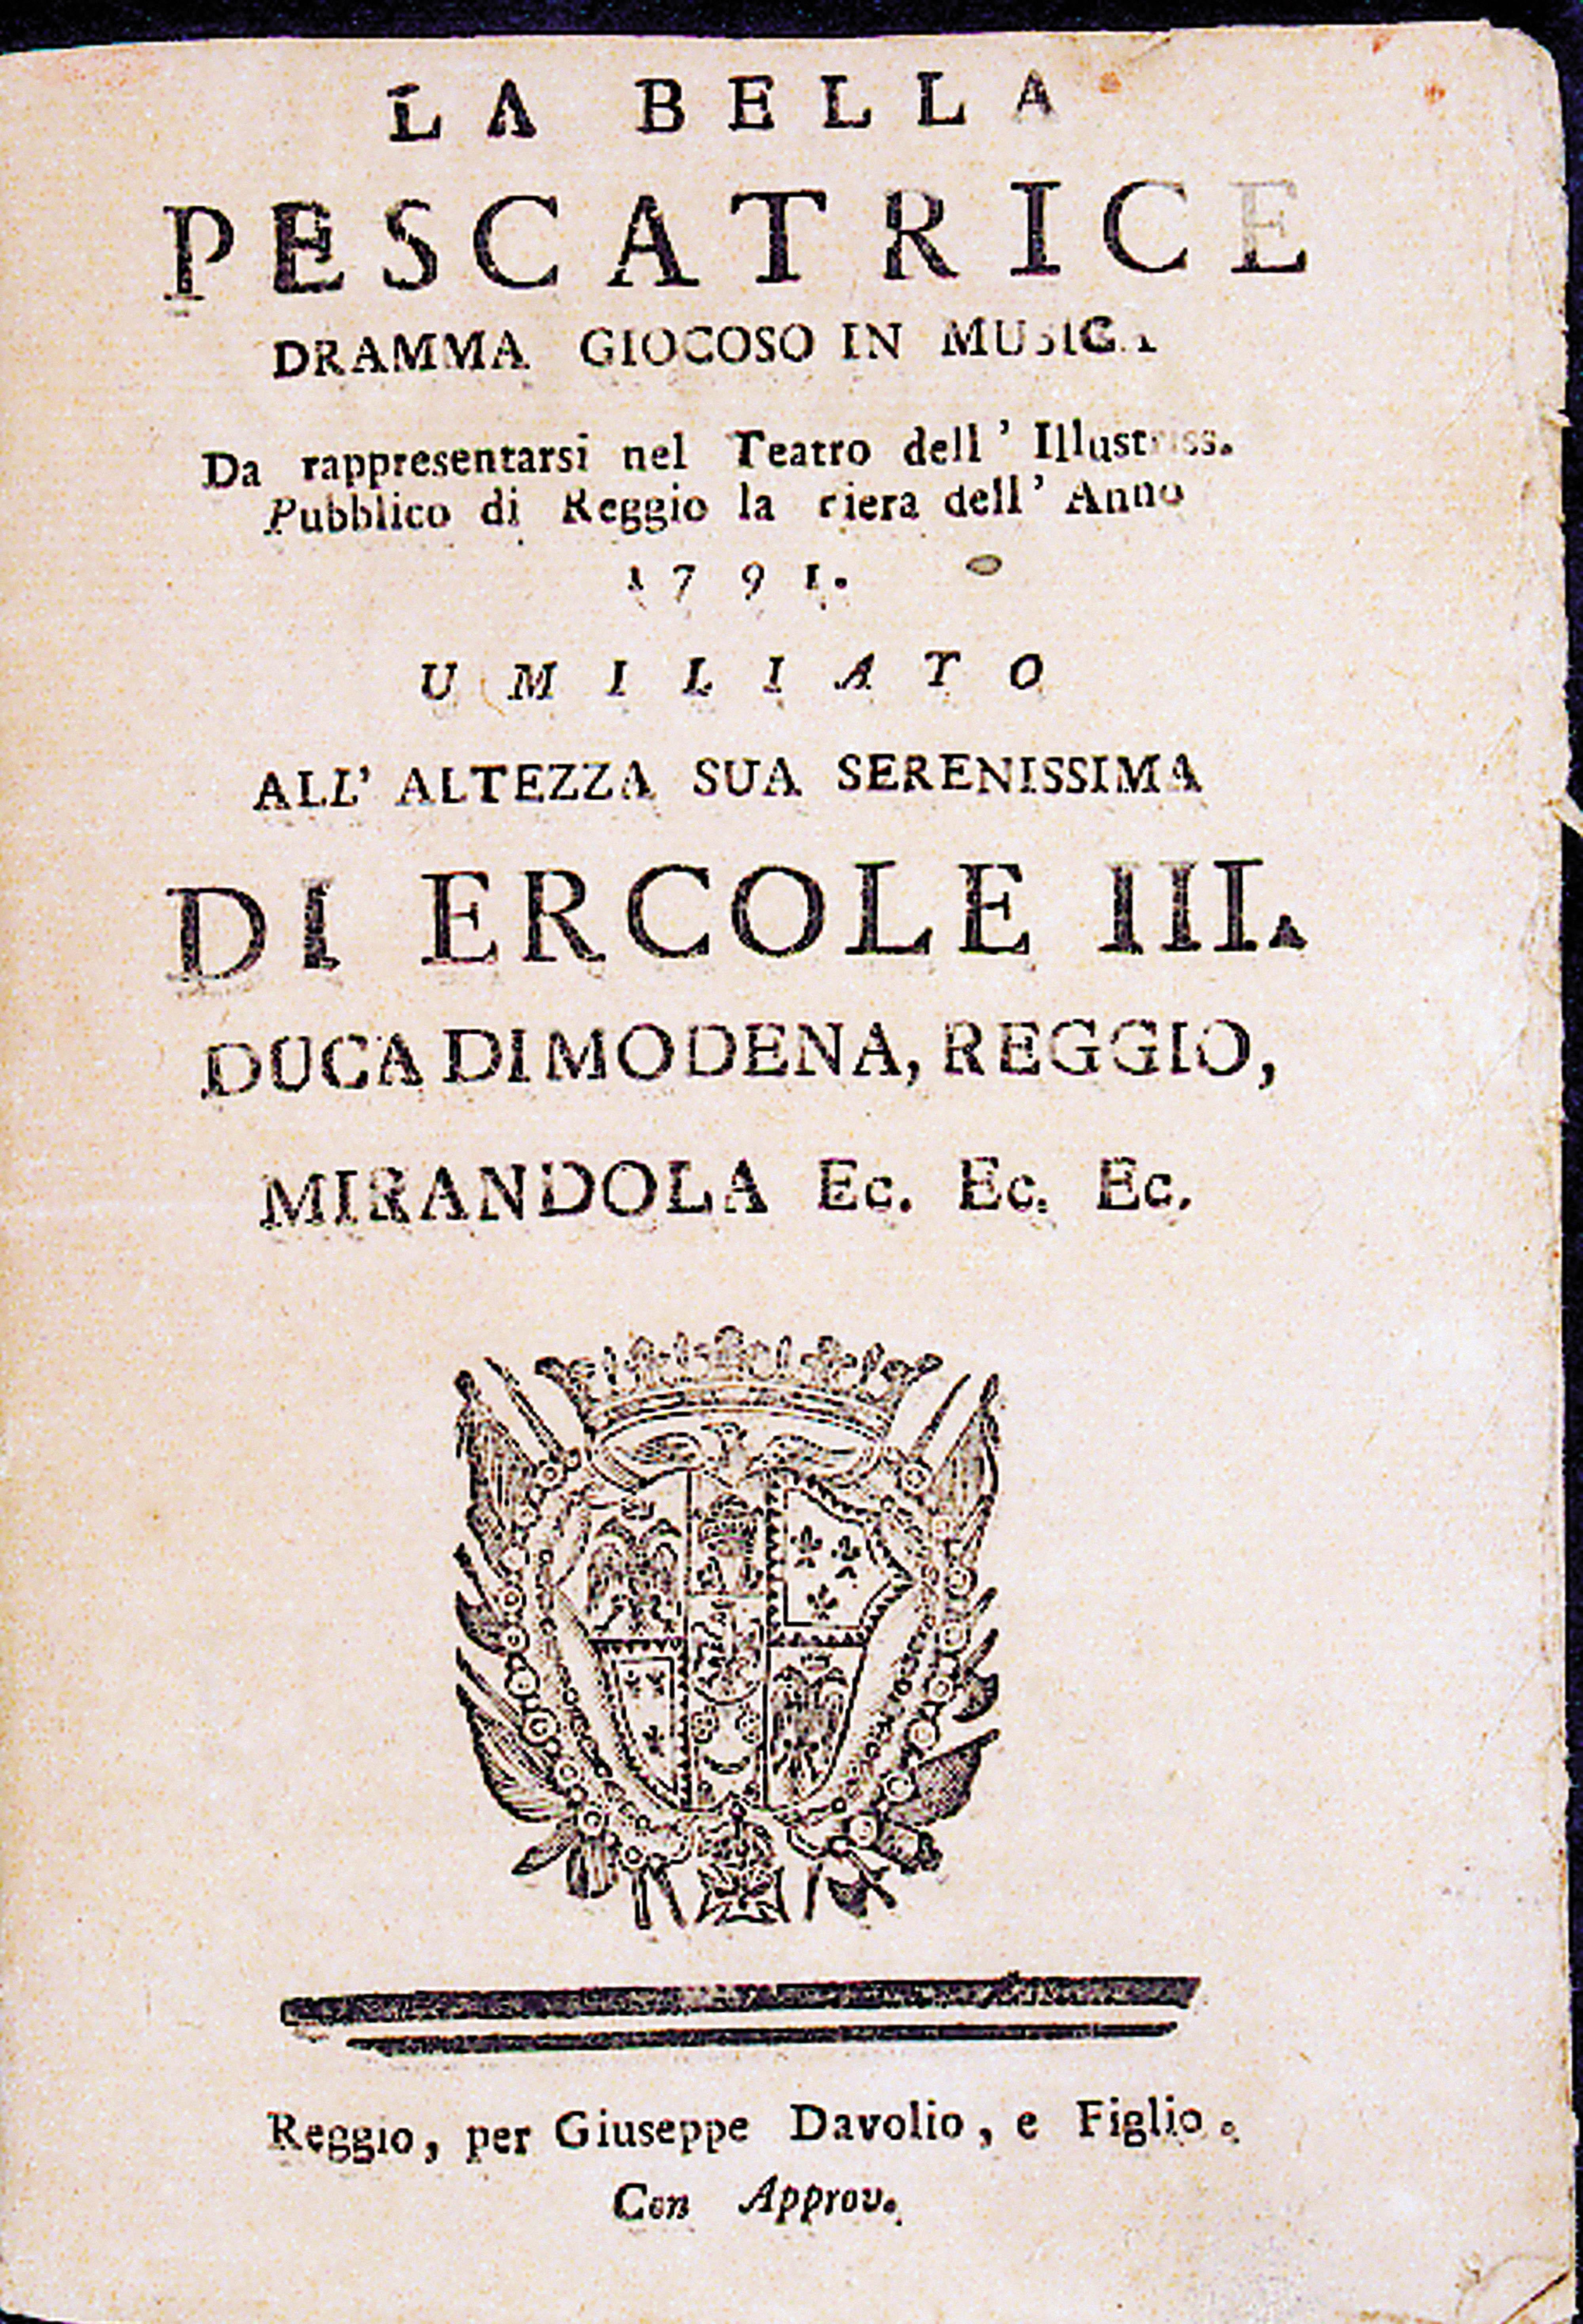 La bella pescatrice Dramma giocoso in musica. Reggio, Davolio, 1791